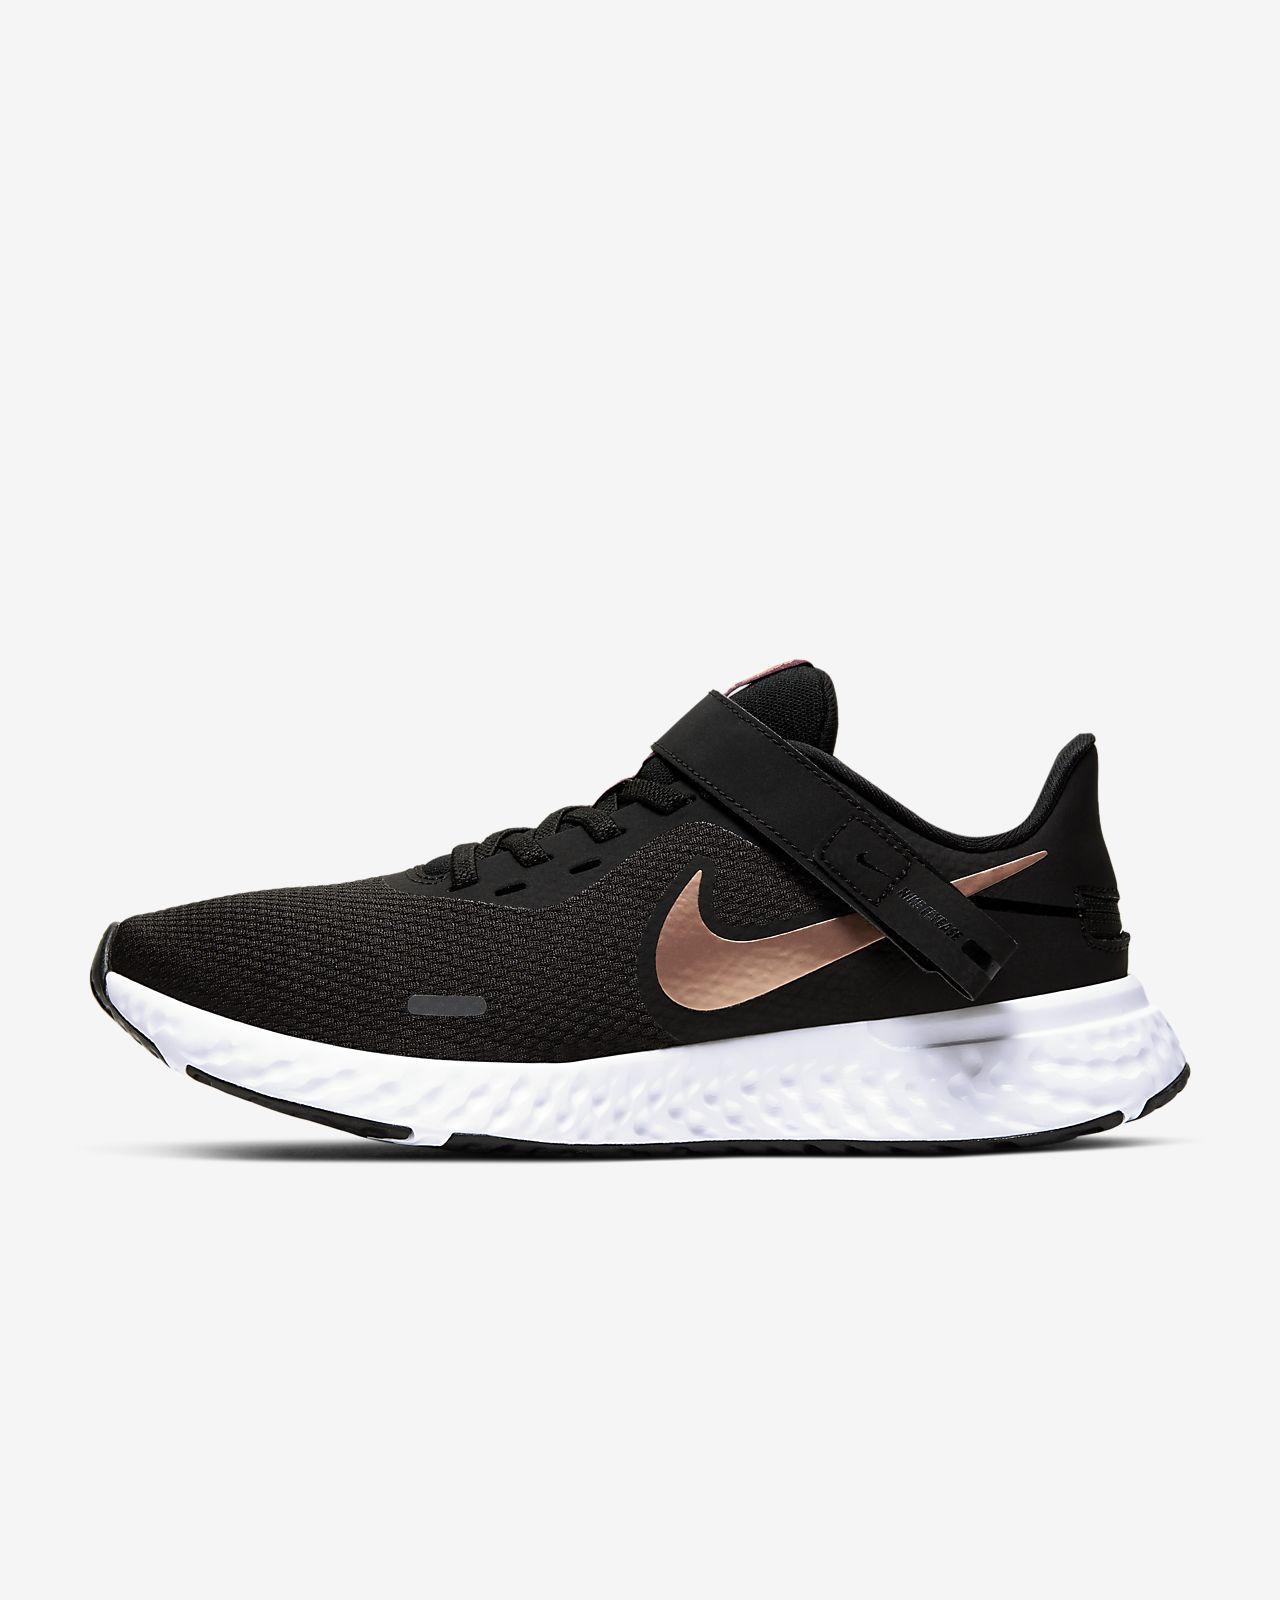 Nike Revolution 5 FlyEase Hardloopschoen voor dames